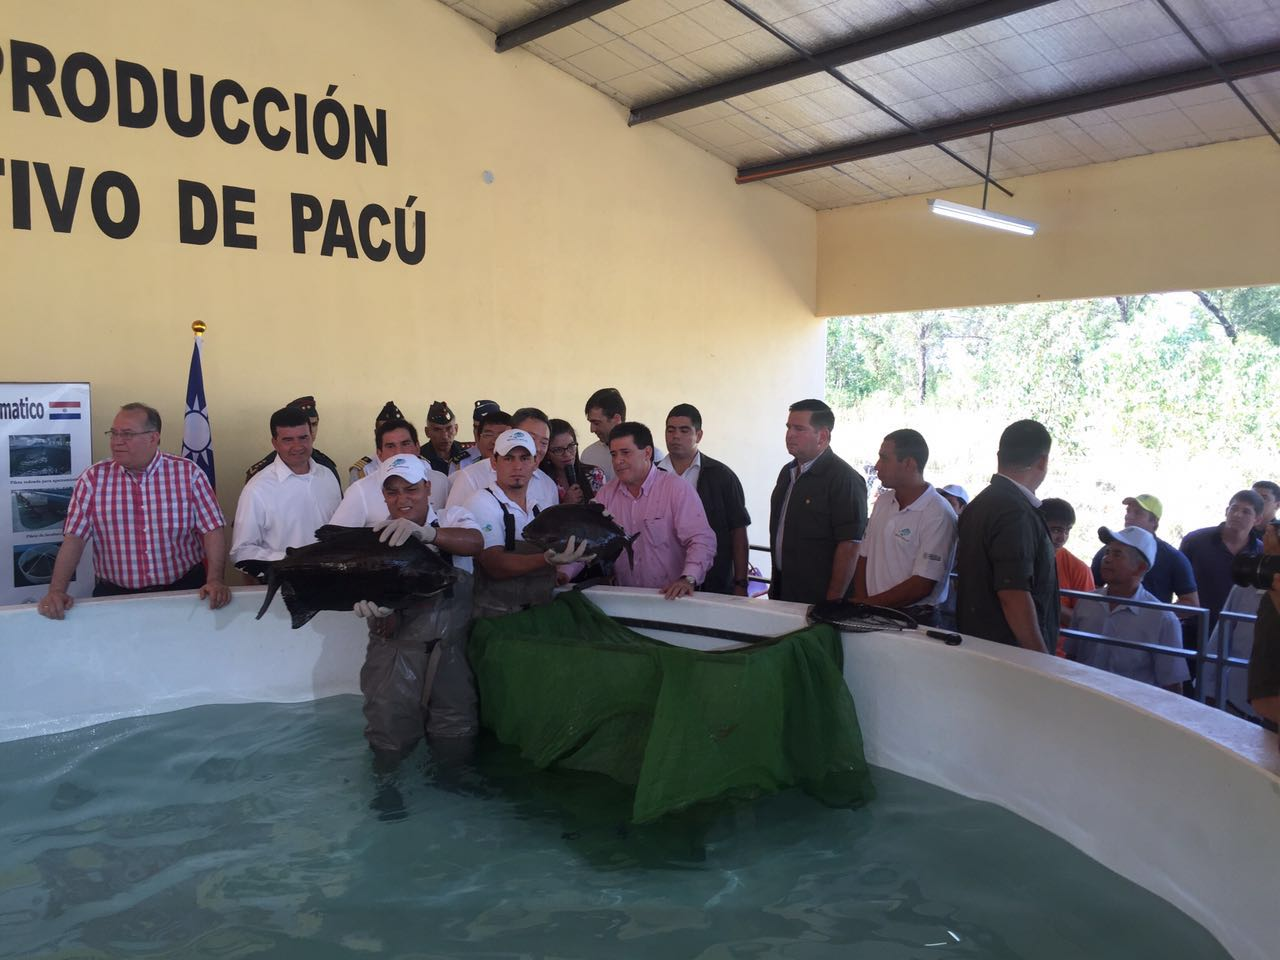 Inauguraron laboratorio de alevines más grande y moderno de Latinoamérica